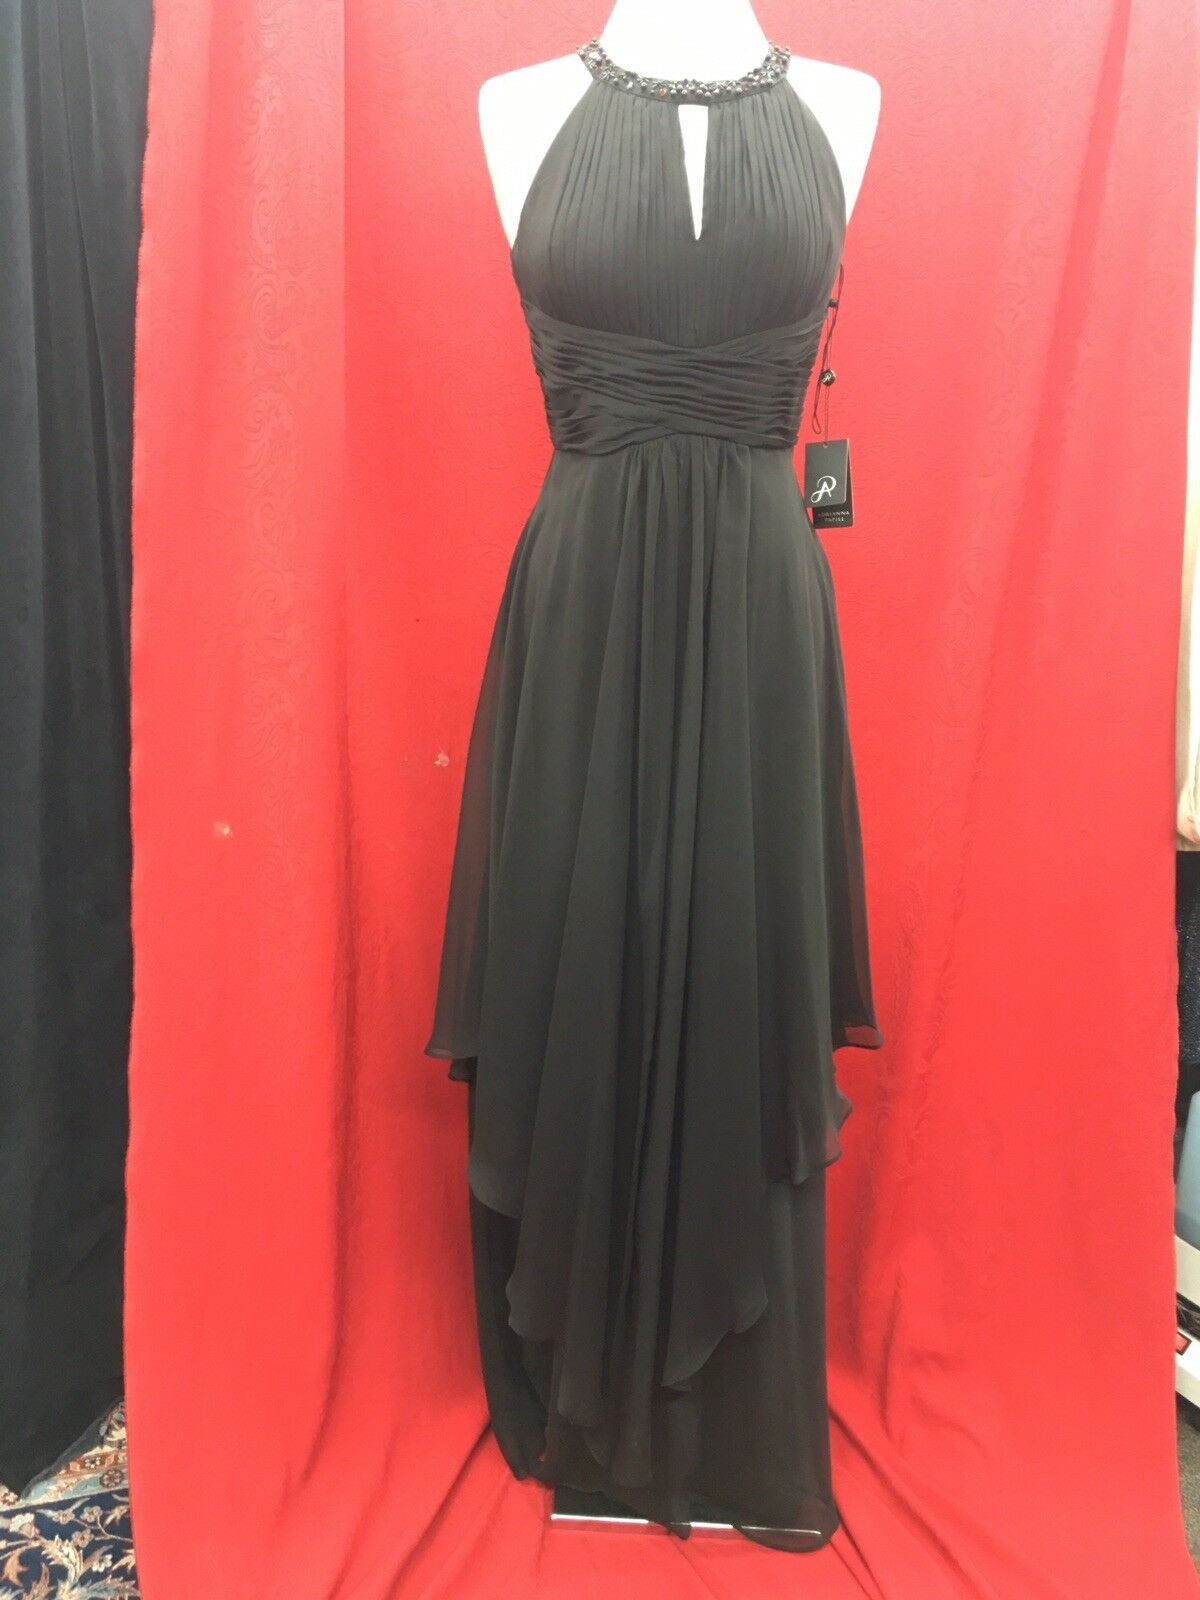 Adrianna Papell Abendkleid Schwarz Einzelhandel 6   Länge 64    Neu mit Etikett | Clearance Sale  | Hohe Sicherheit  | Online-Exportgeschäft